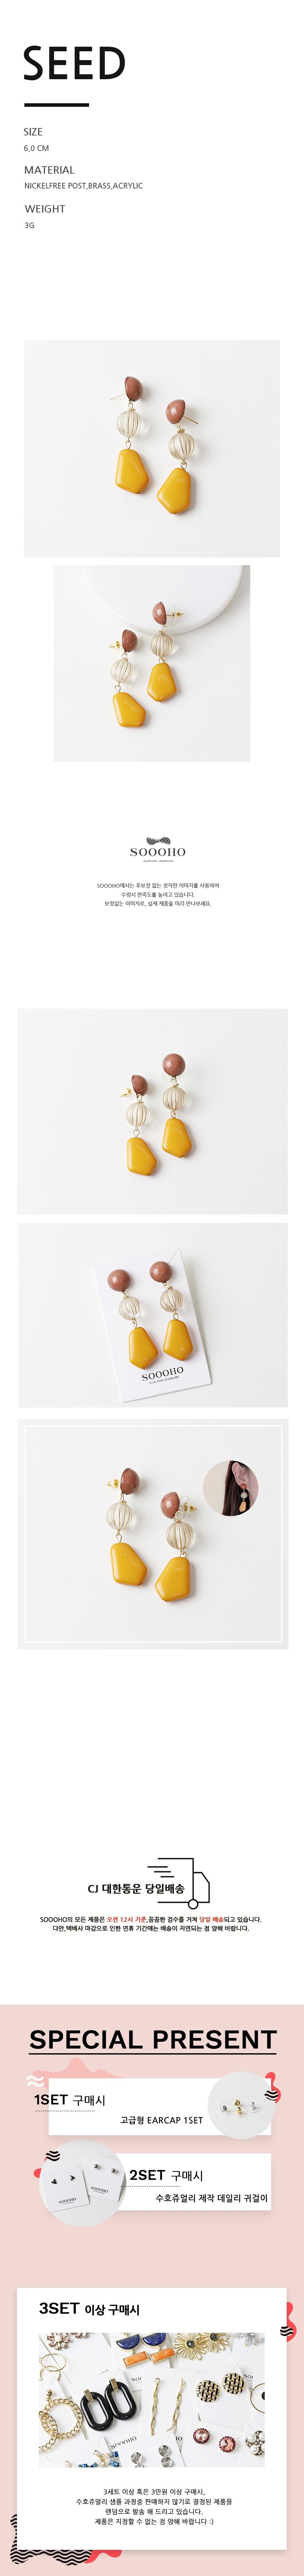 seed 925실버 포인트 드롭귀걸이 - 수호쥬얼리, 14,500원, 진주/원석, 드롭귀걸이